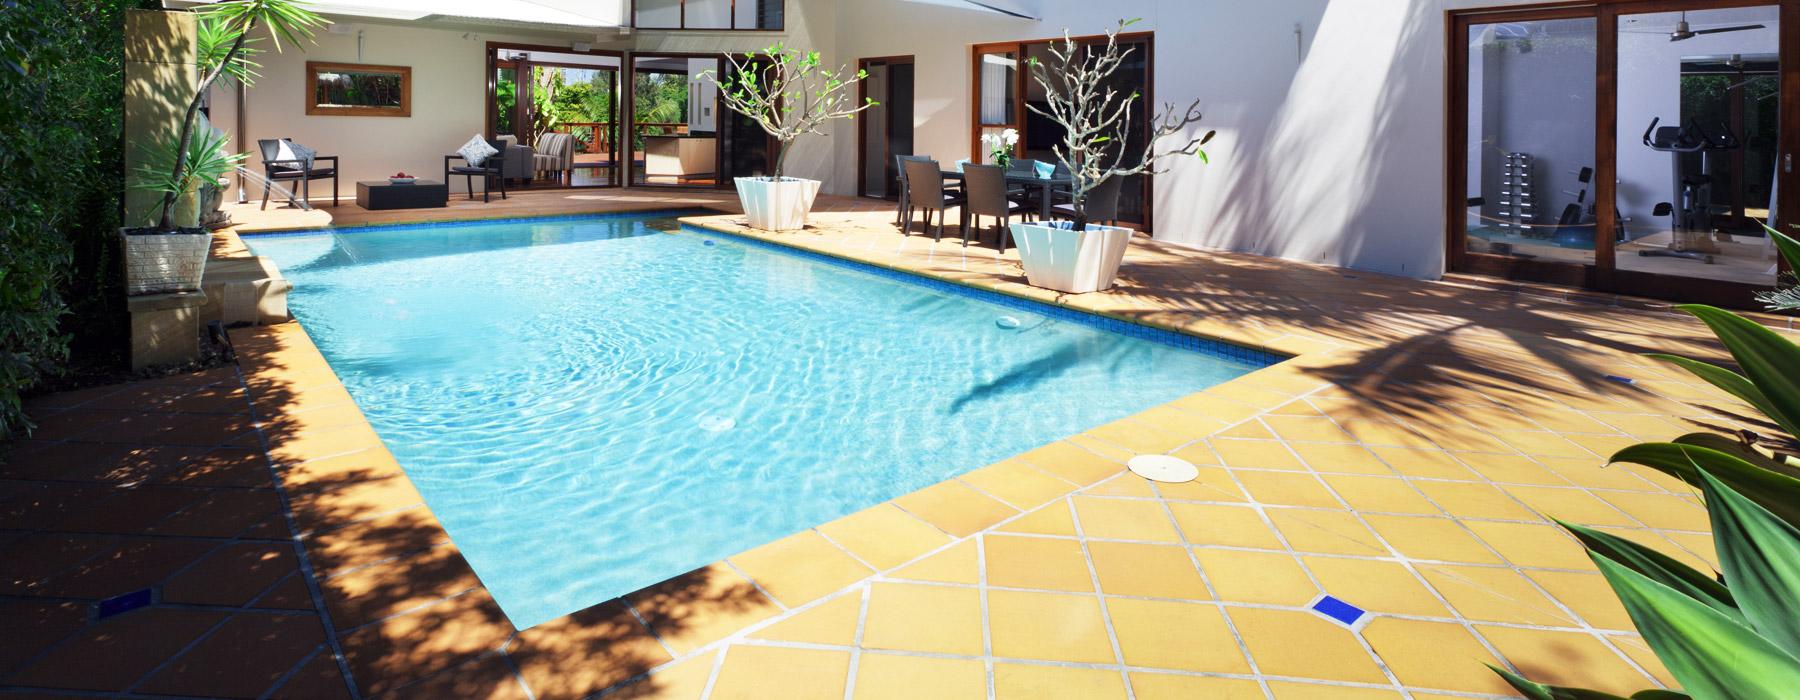 Latest bb cascare fagiolo com topic l piscine interrate - Prezzo piscina interrata ...